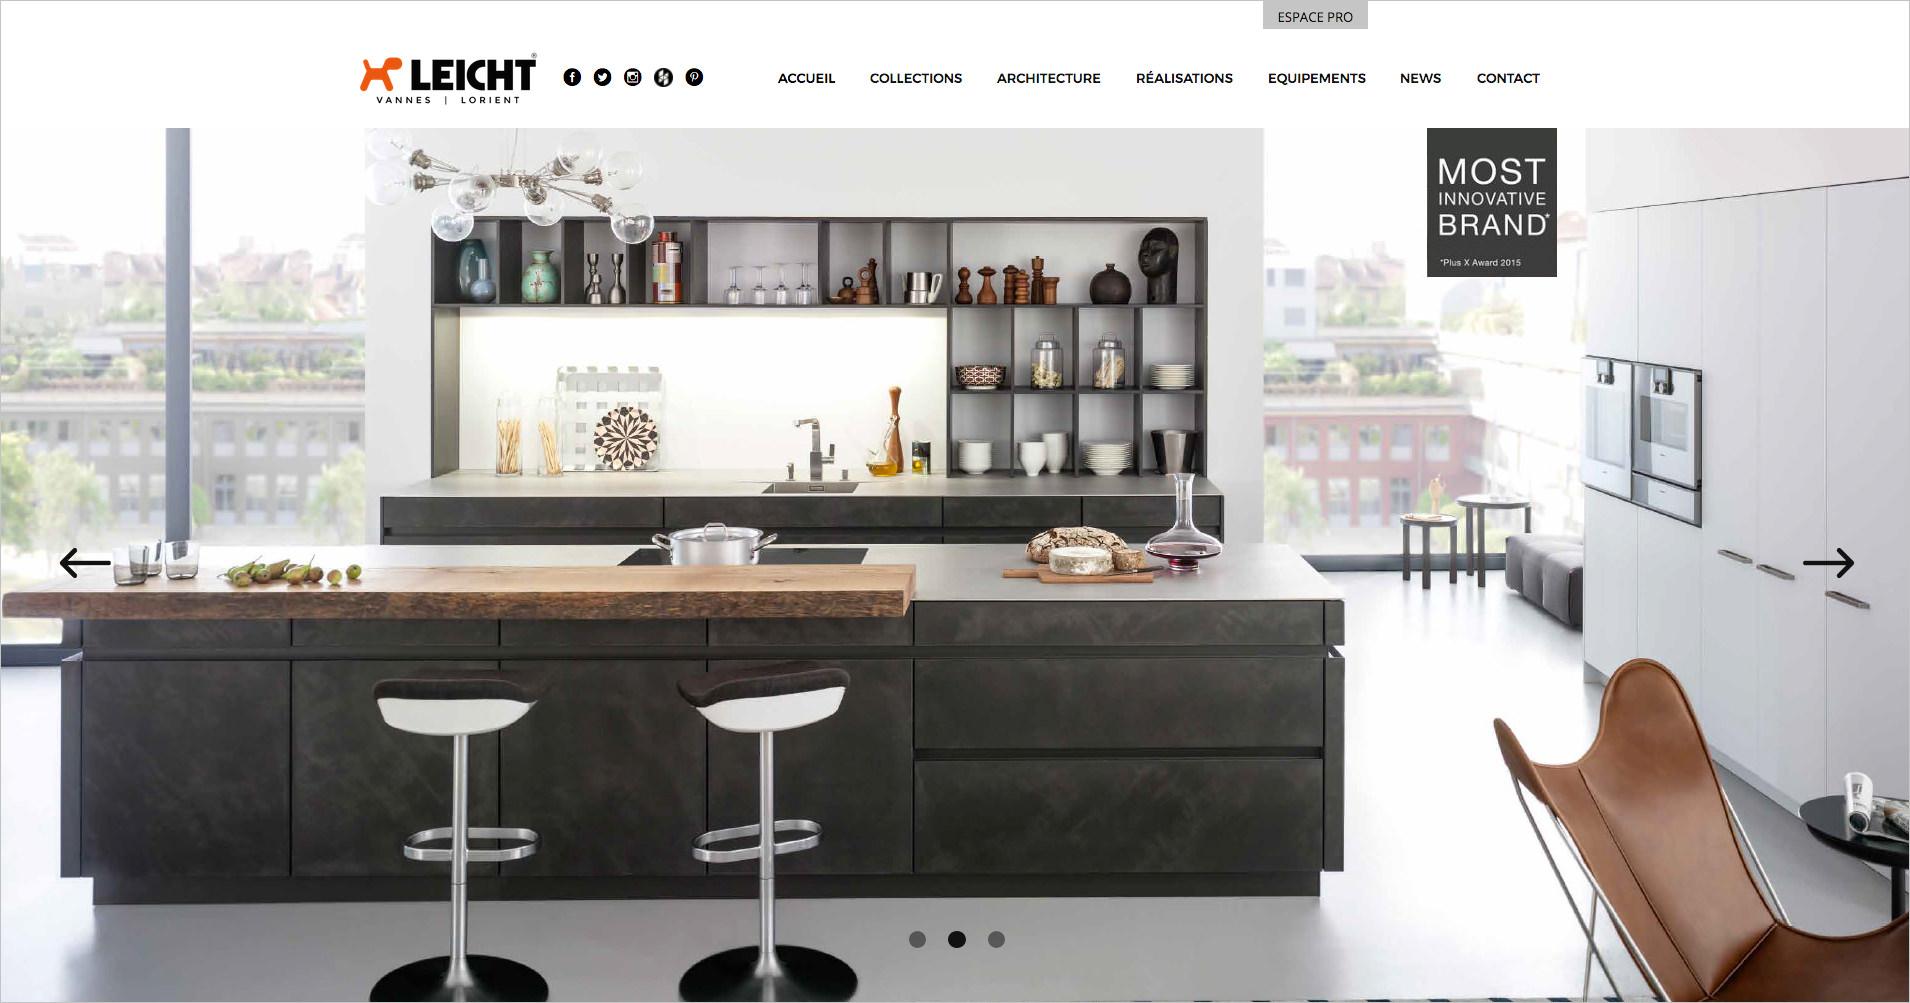 leicht-vannes-ecran-site-web-home